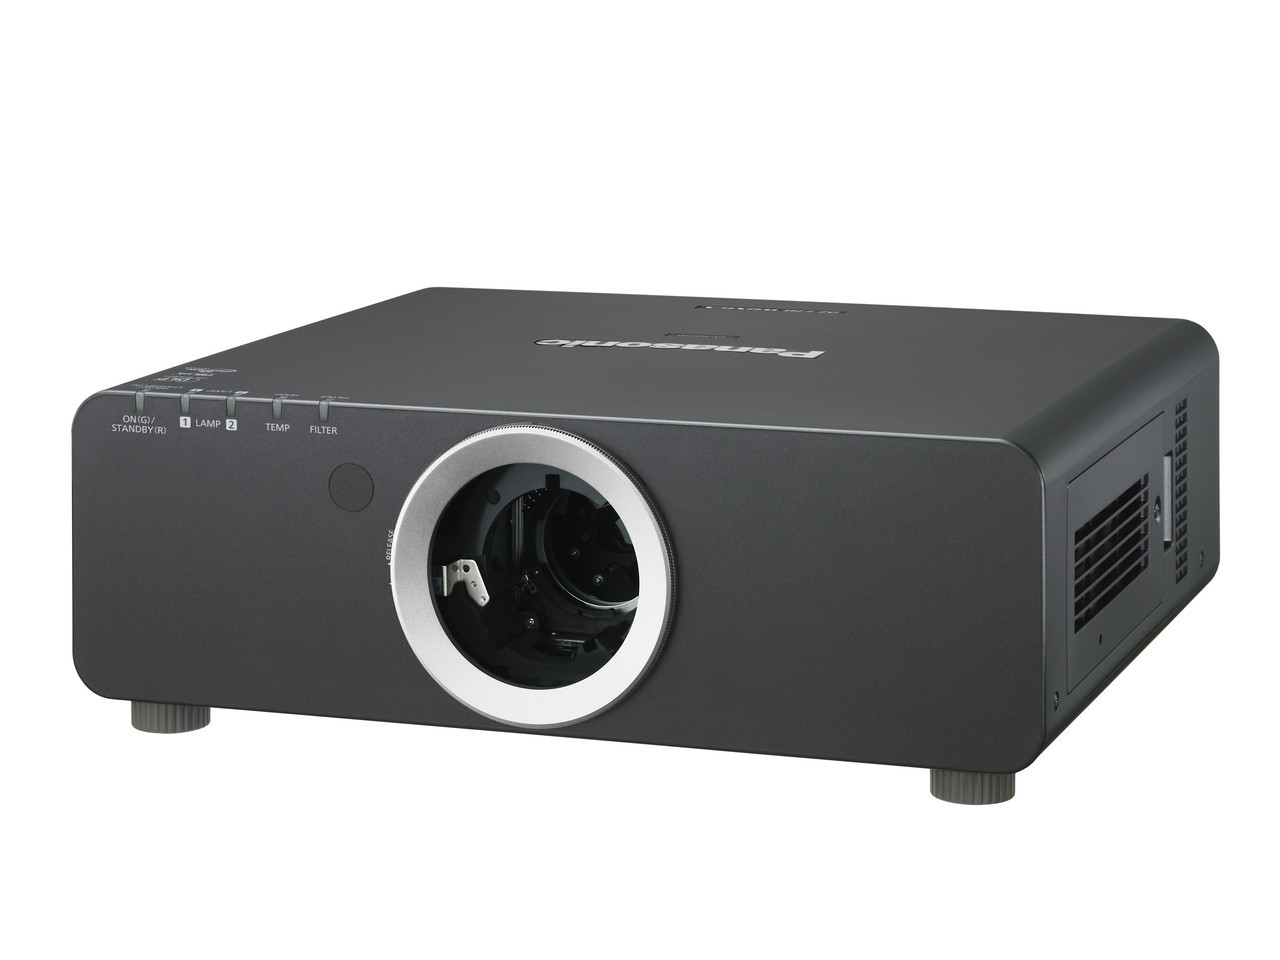 Проектор Panasonic PT-DZ770EK, PT-DZ770ELK, PT-DZ770ELS, PT-DZ770ES